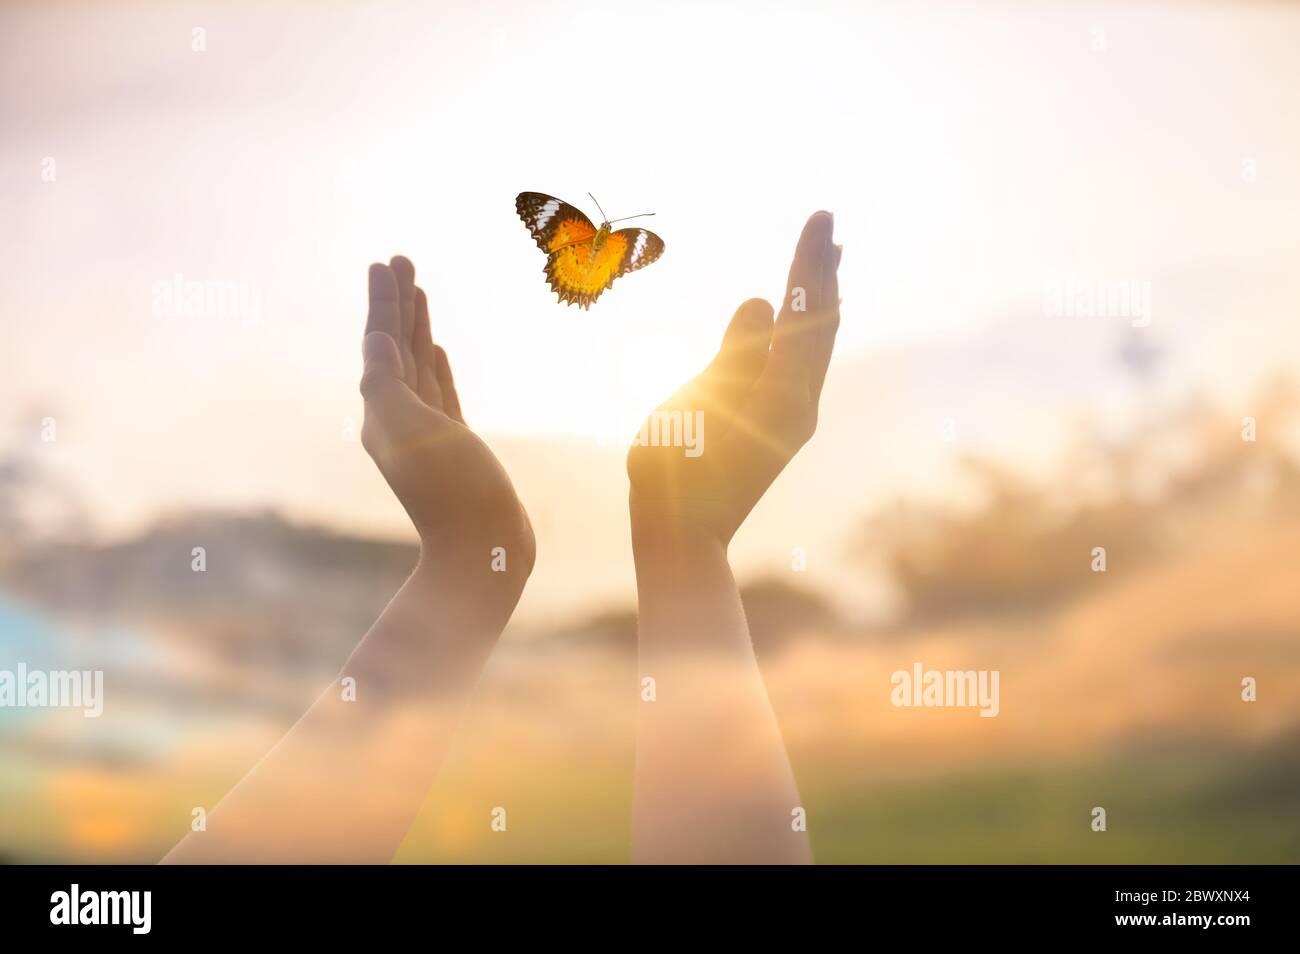 La chica libera a la mariposa desde el momento concepto de libertad Foto de stock